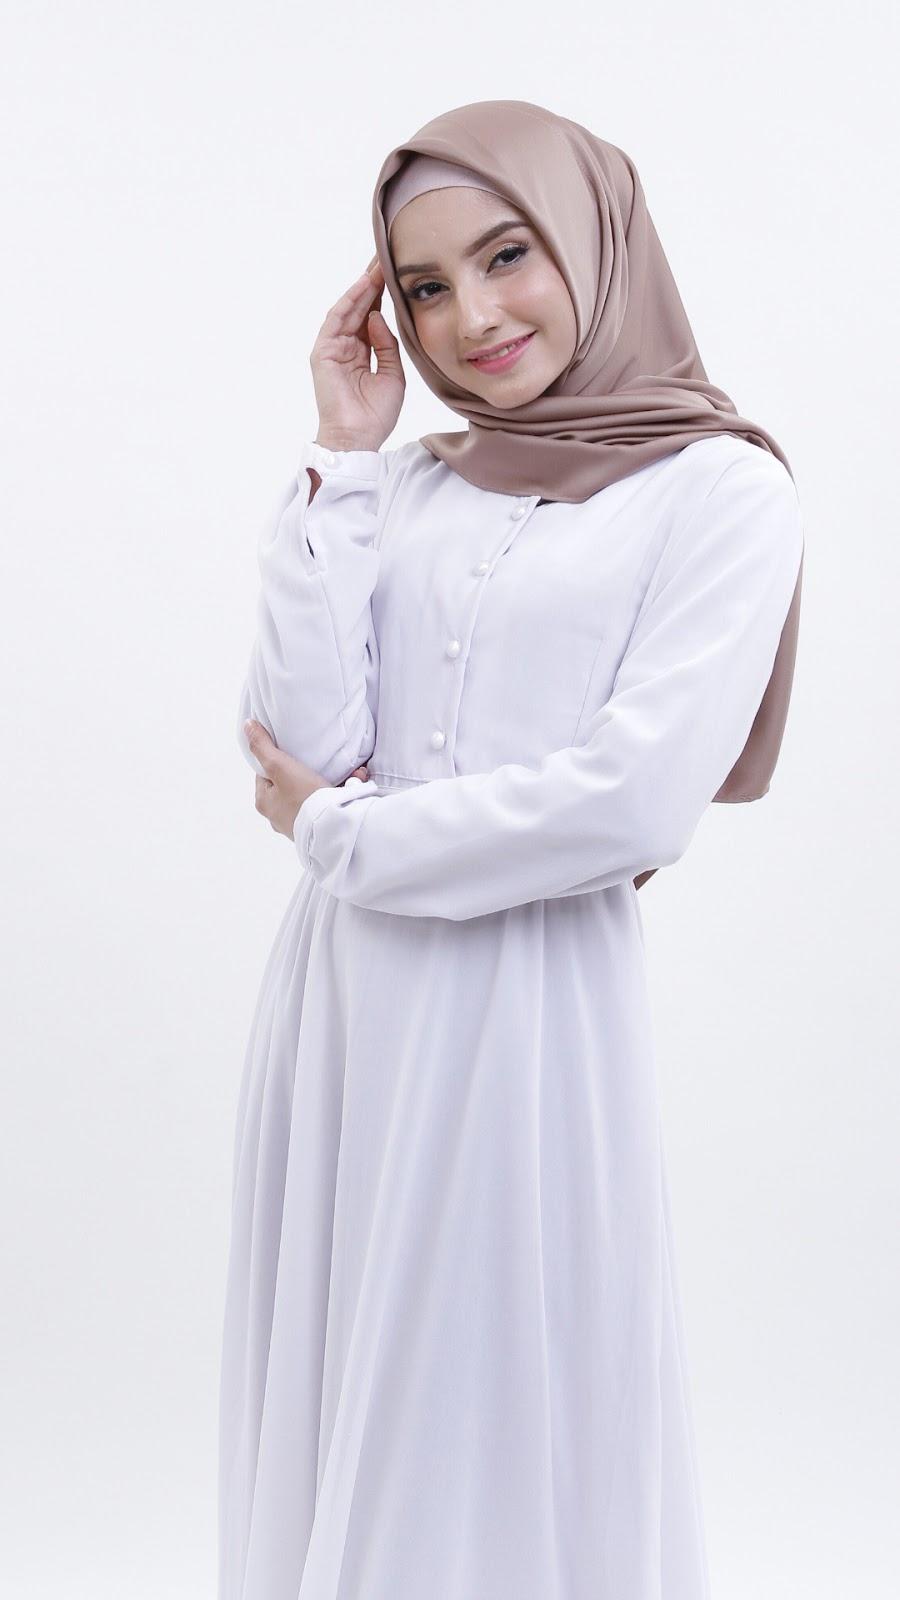 wallpaper muslimah terbaru cewek manis dan seksi imut